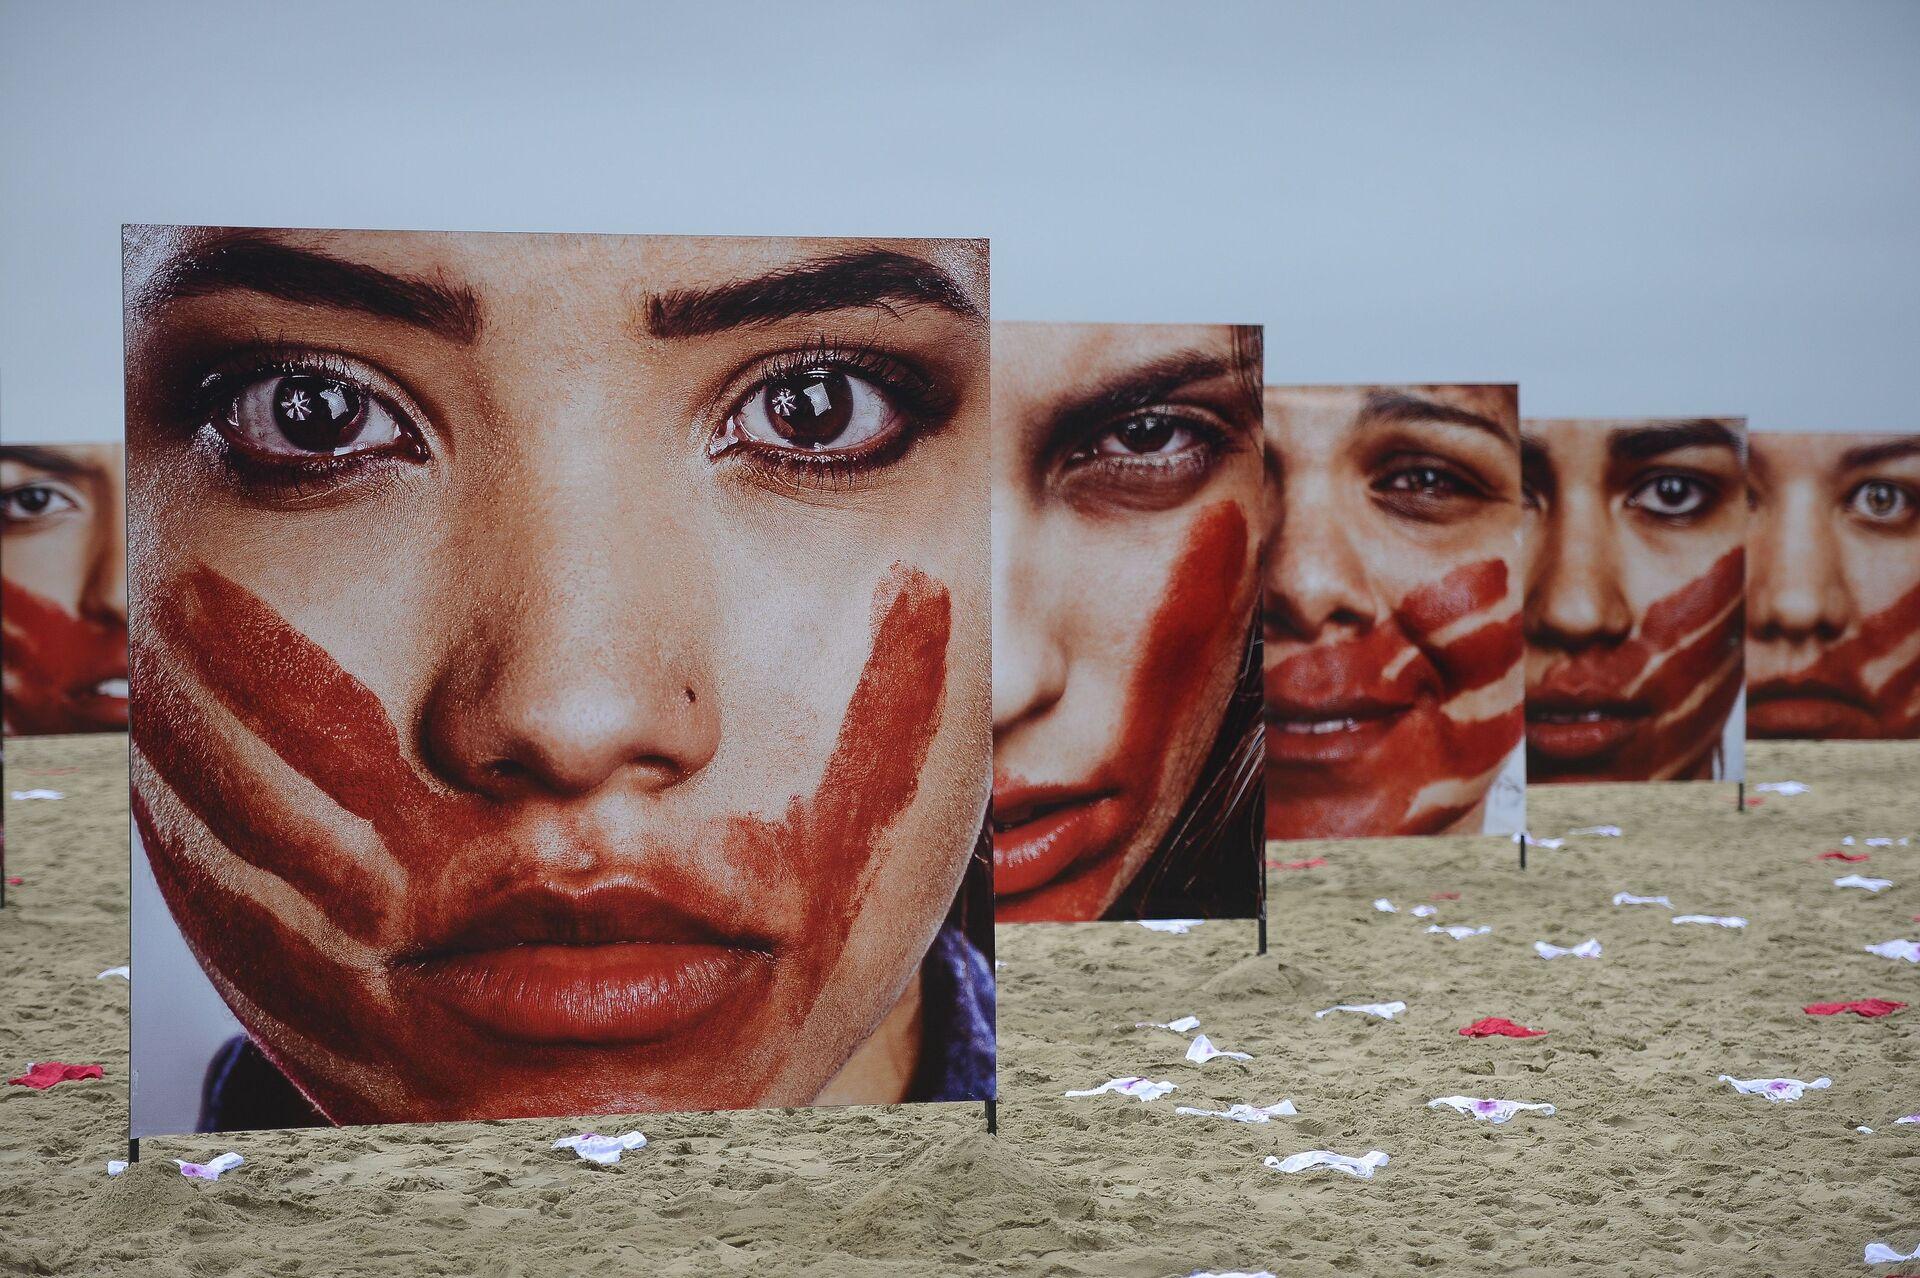 Ação na praia de Copacabana pelo fim da violência contra a mulher